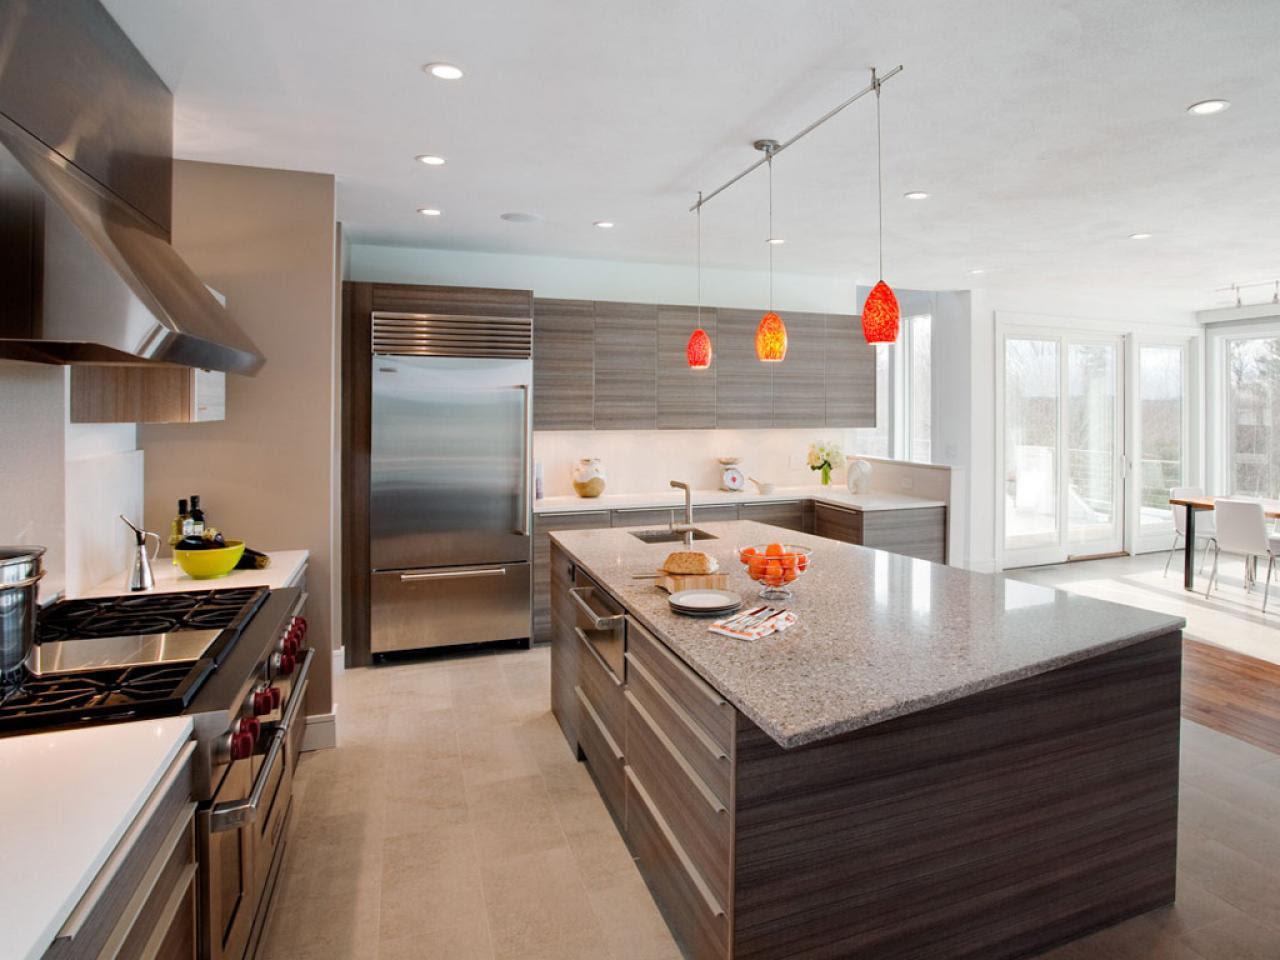 Kitchen Cabinet Door Styles: Pictures